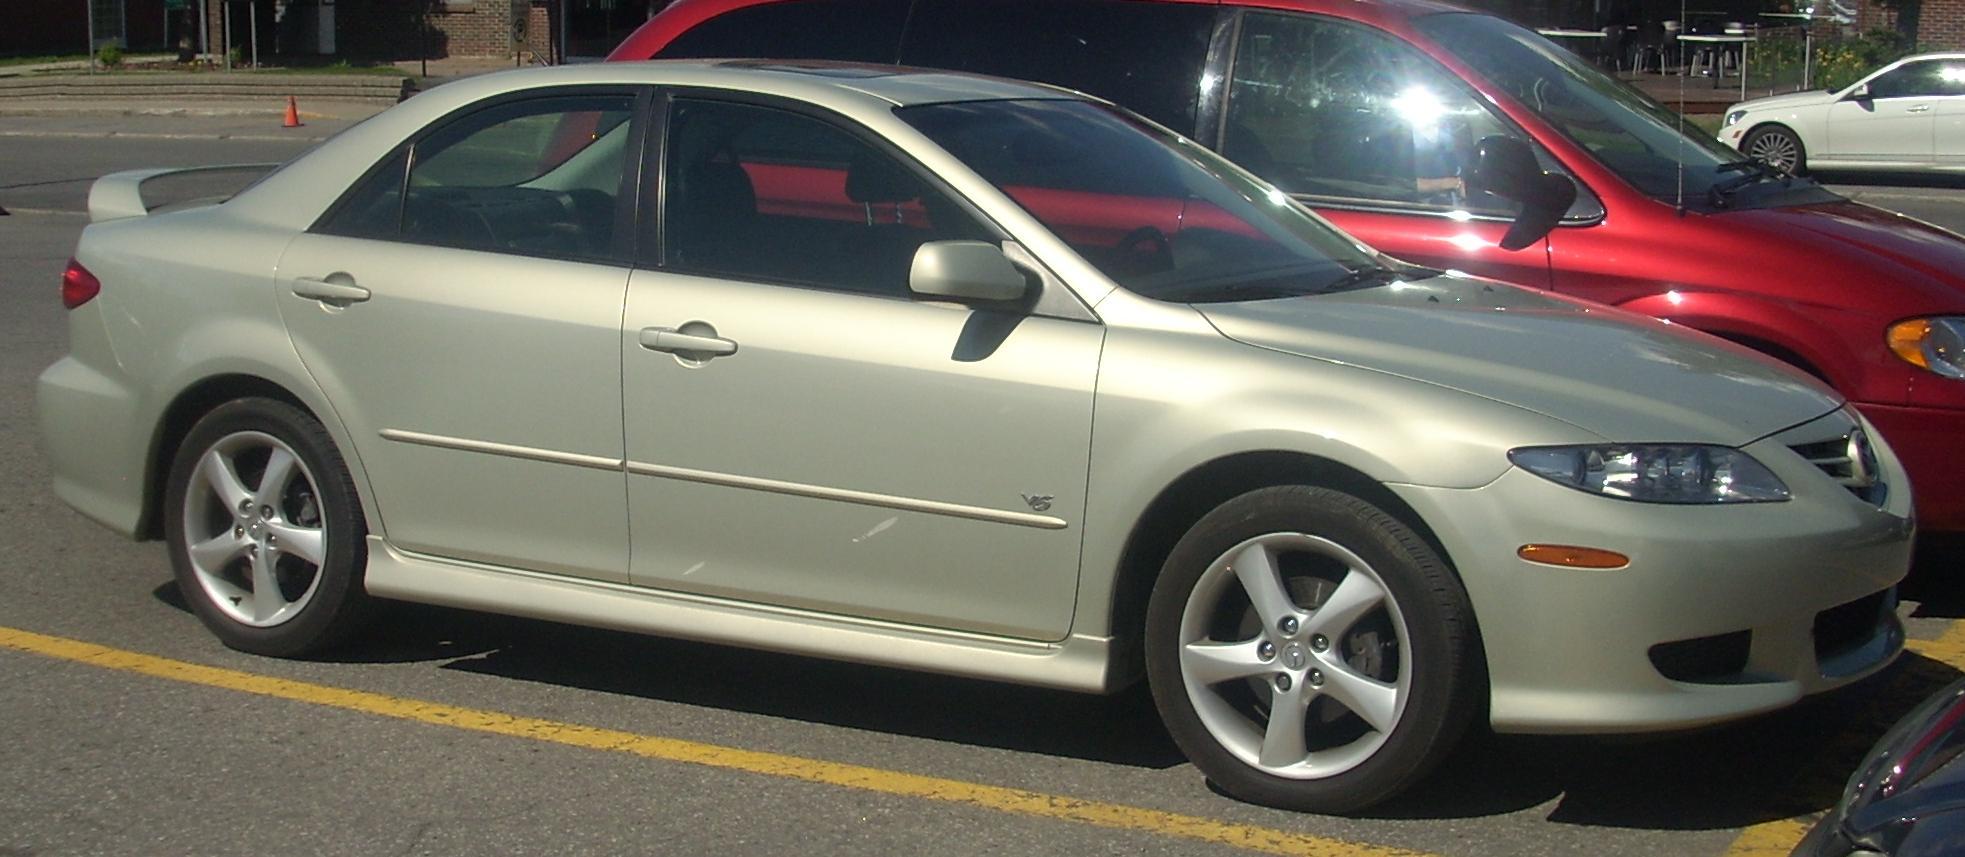 File 03 05 Mazda6 V6 Sedan Jpg Wikimedia Commons